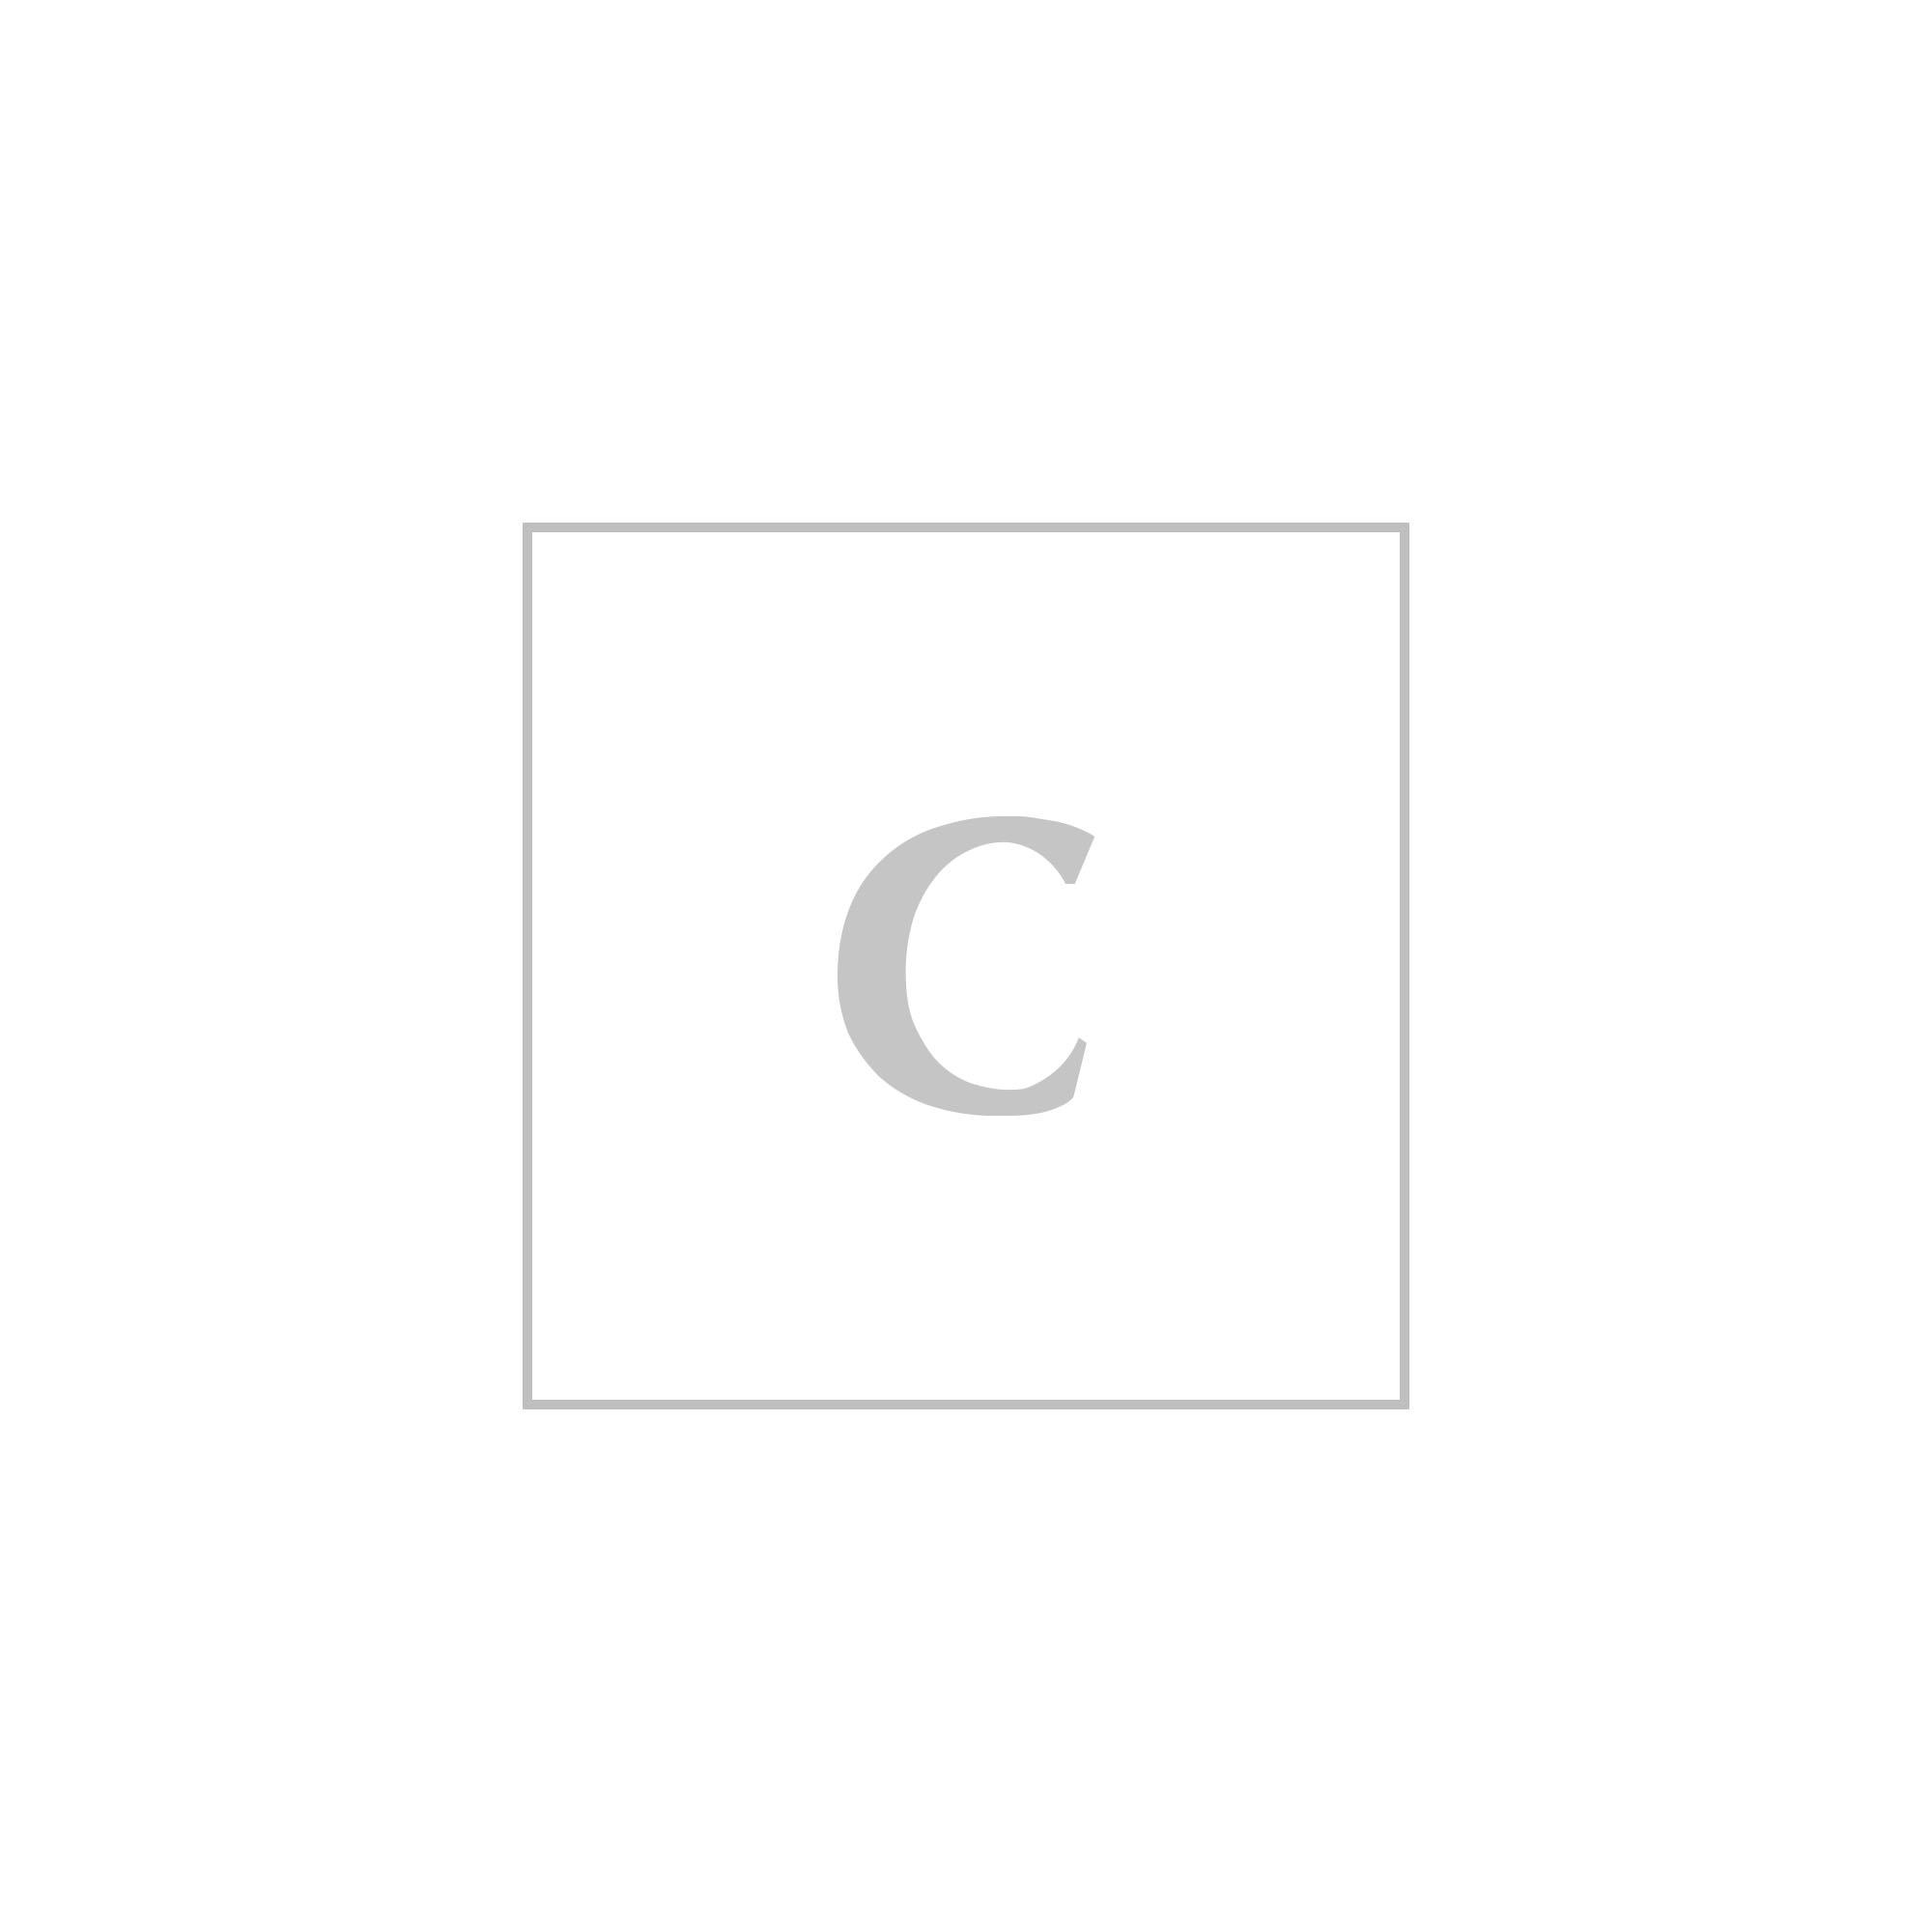 calvin klein established 1978 accessori donna cappello tricot balaclava logo